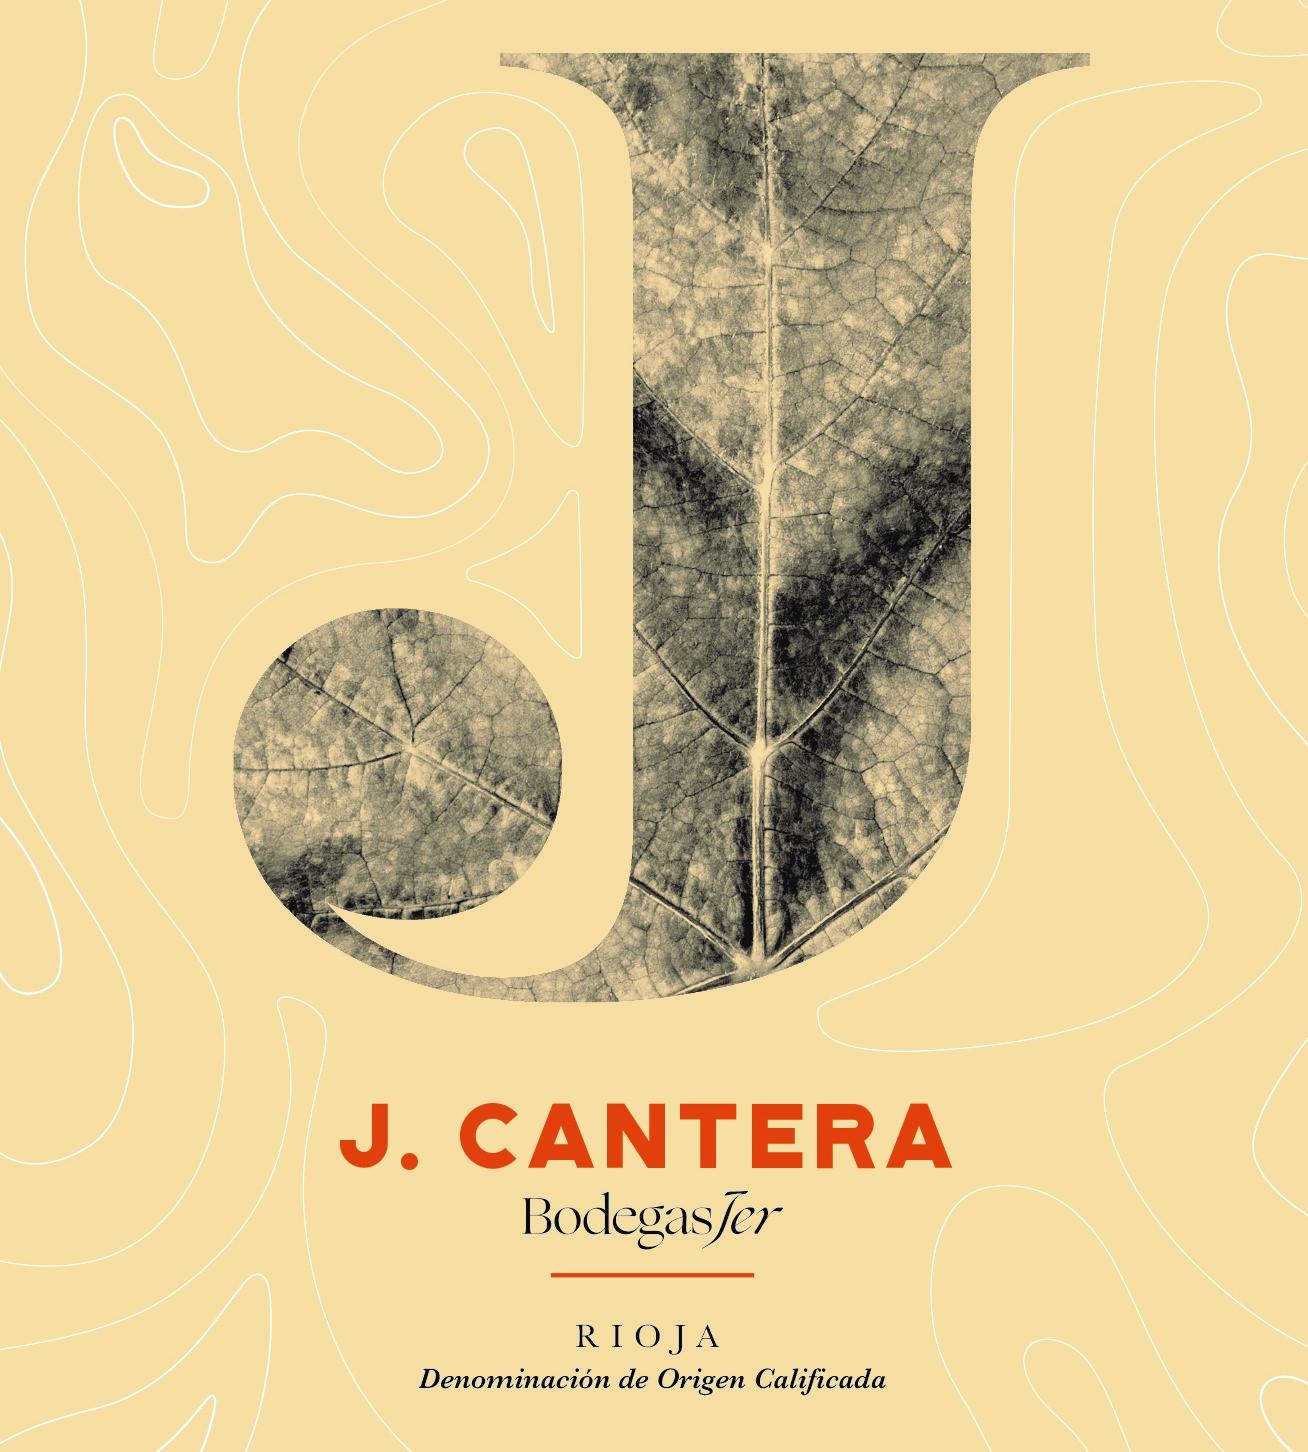 J.cantera Clarete